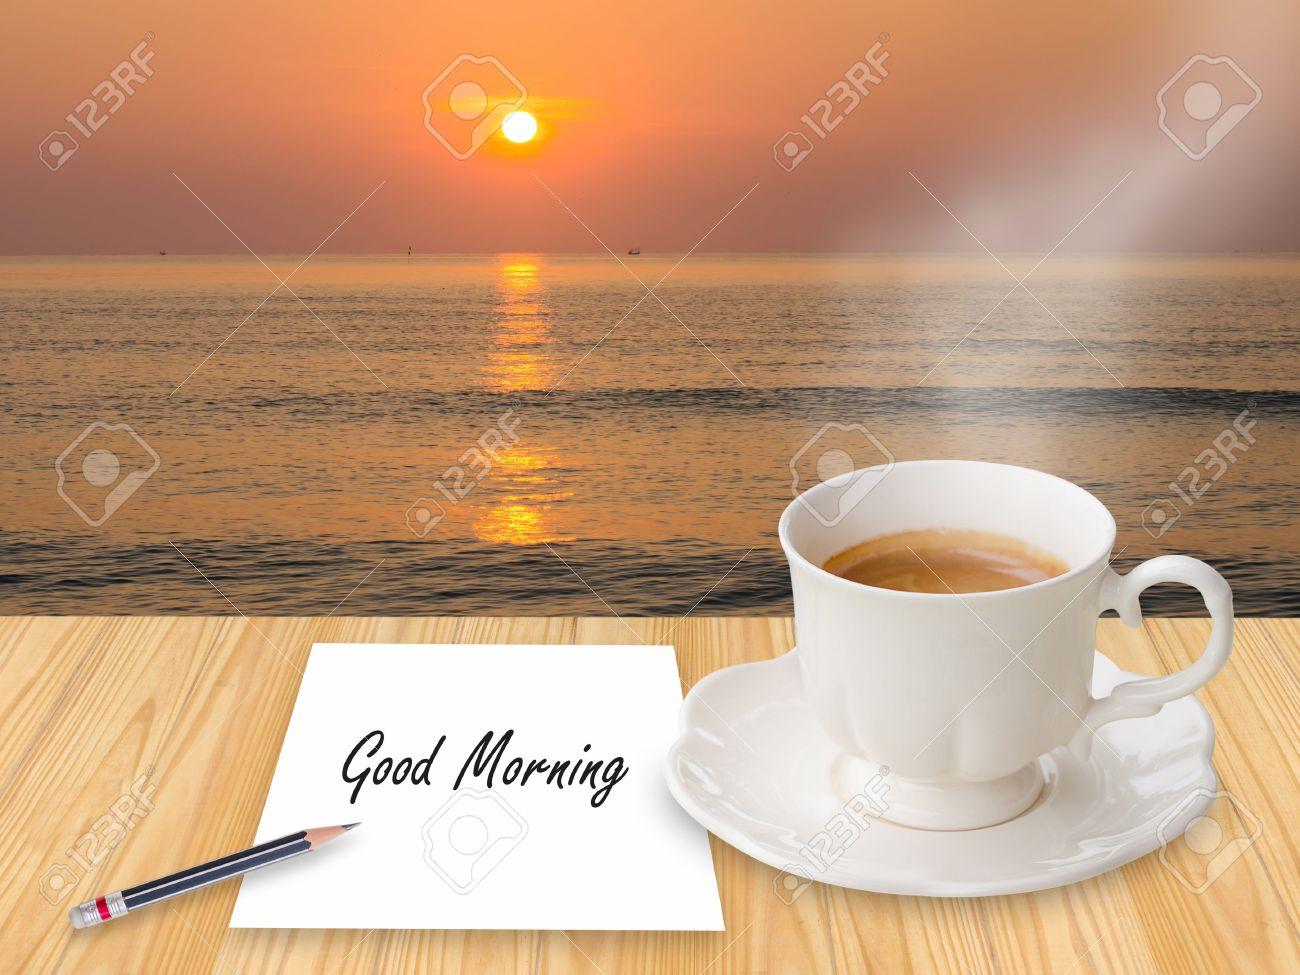 Caffè Con Buongiorno Sulla Nota Di Carta In Spiaggia